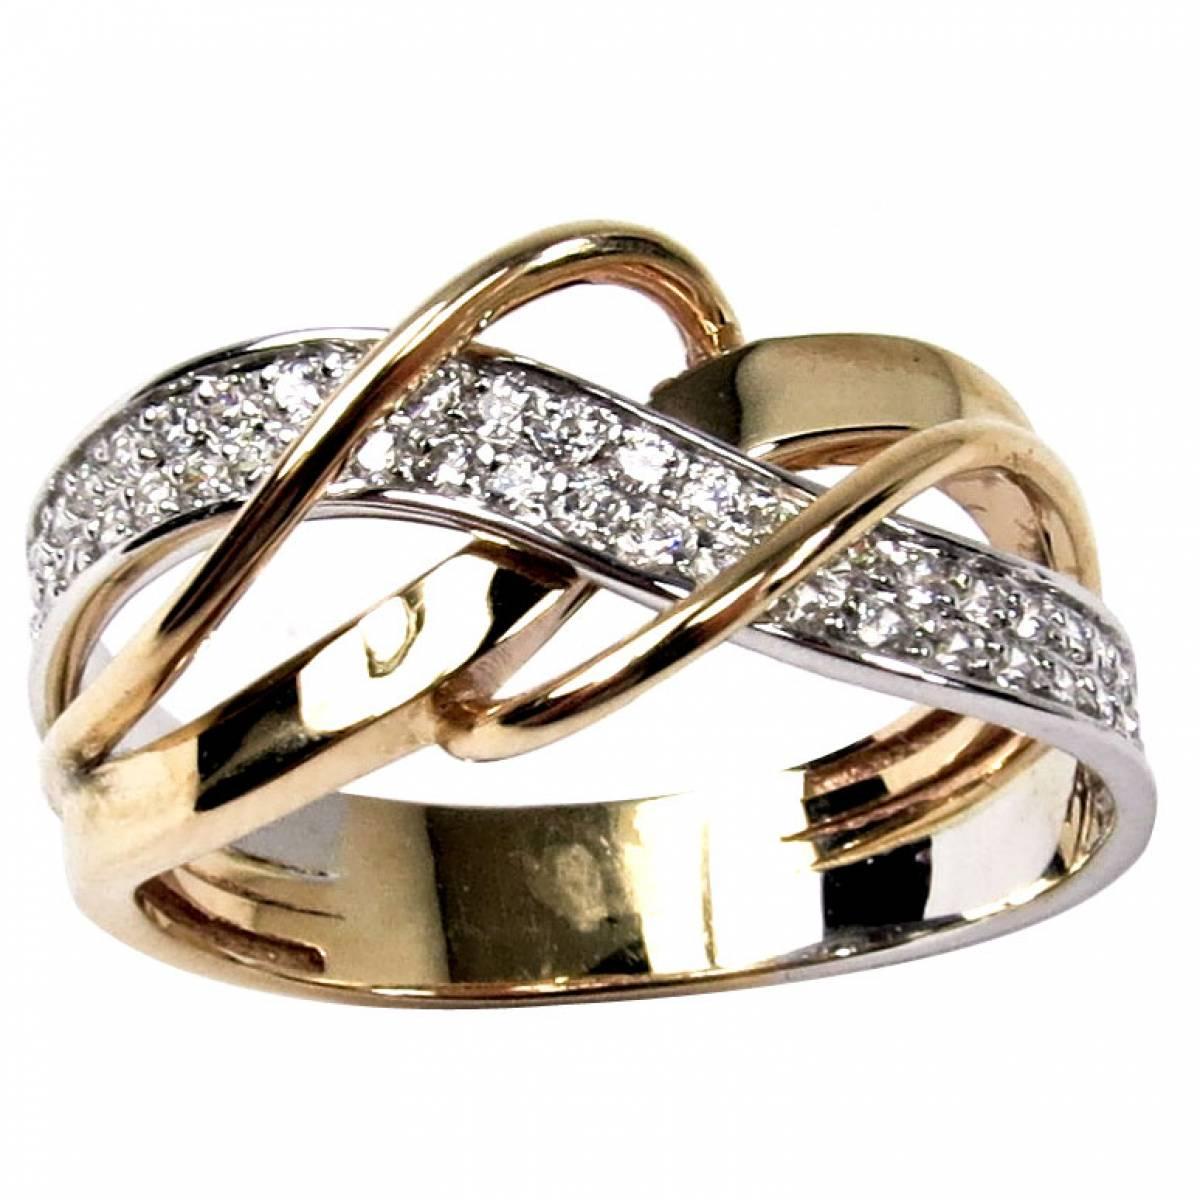 Anel de Noivado em ouro bicolor com diamantes ou zircónias